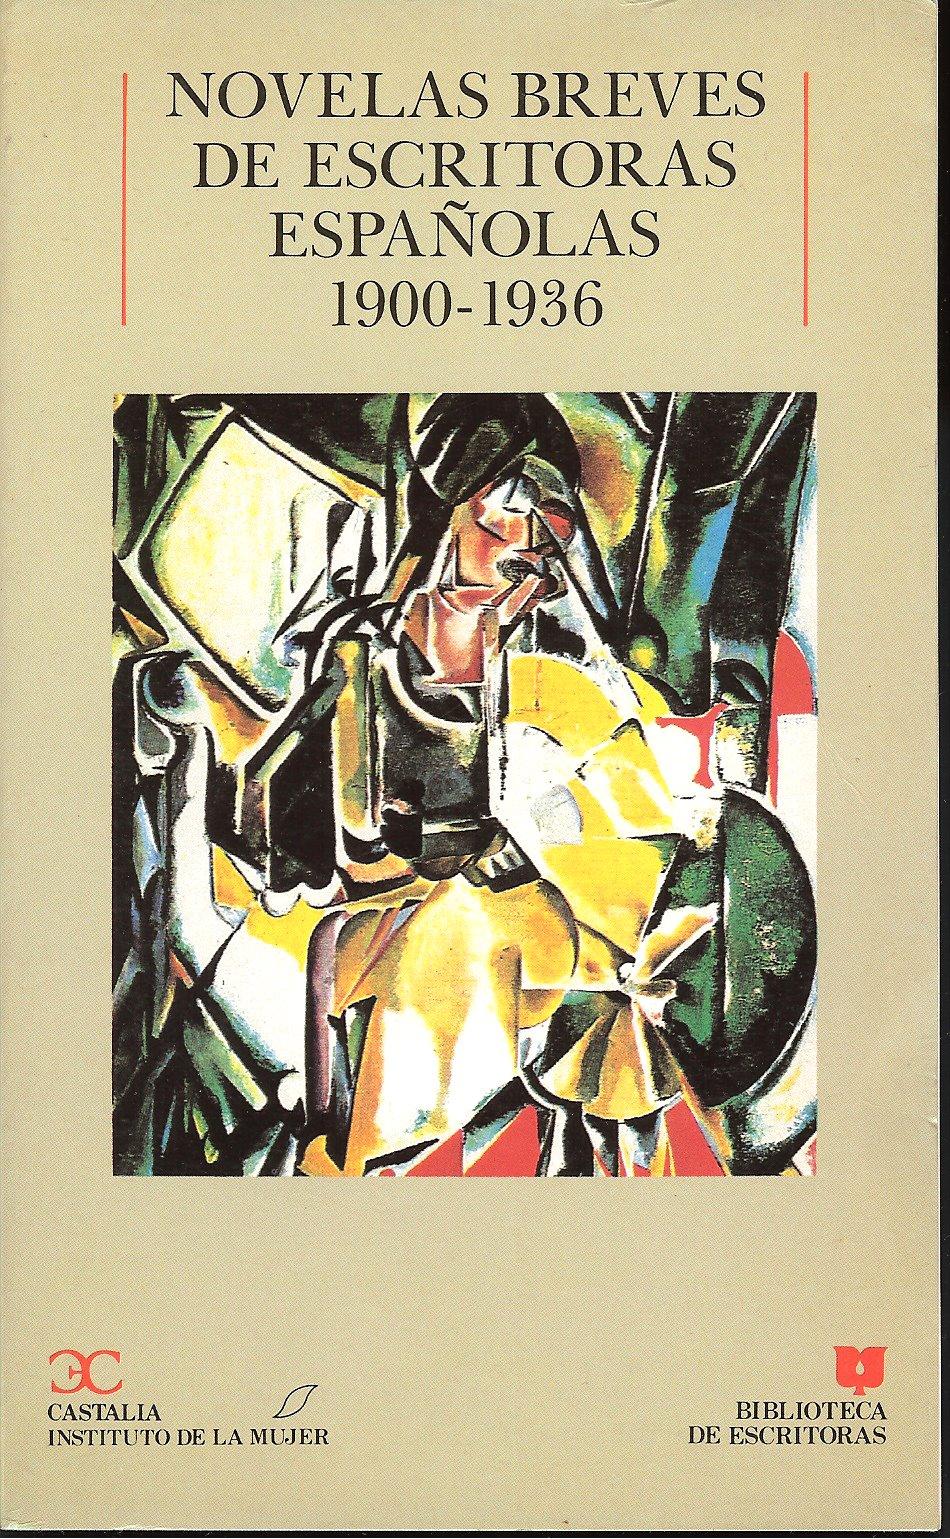 Novelas breves de escritoras españolas (1900 - 1936)